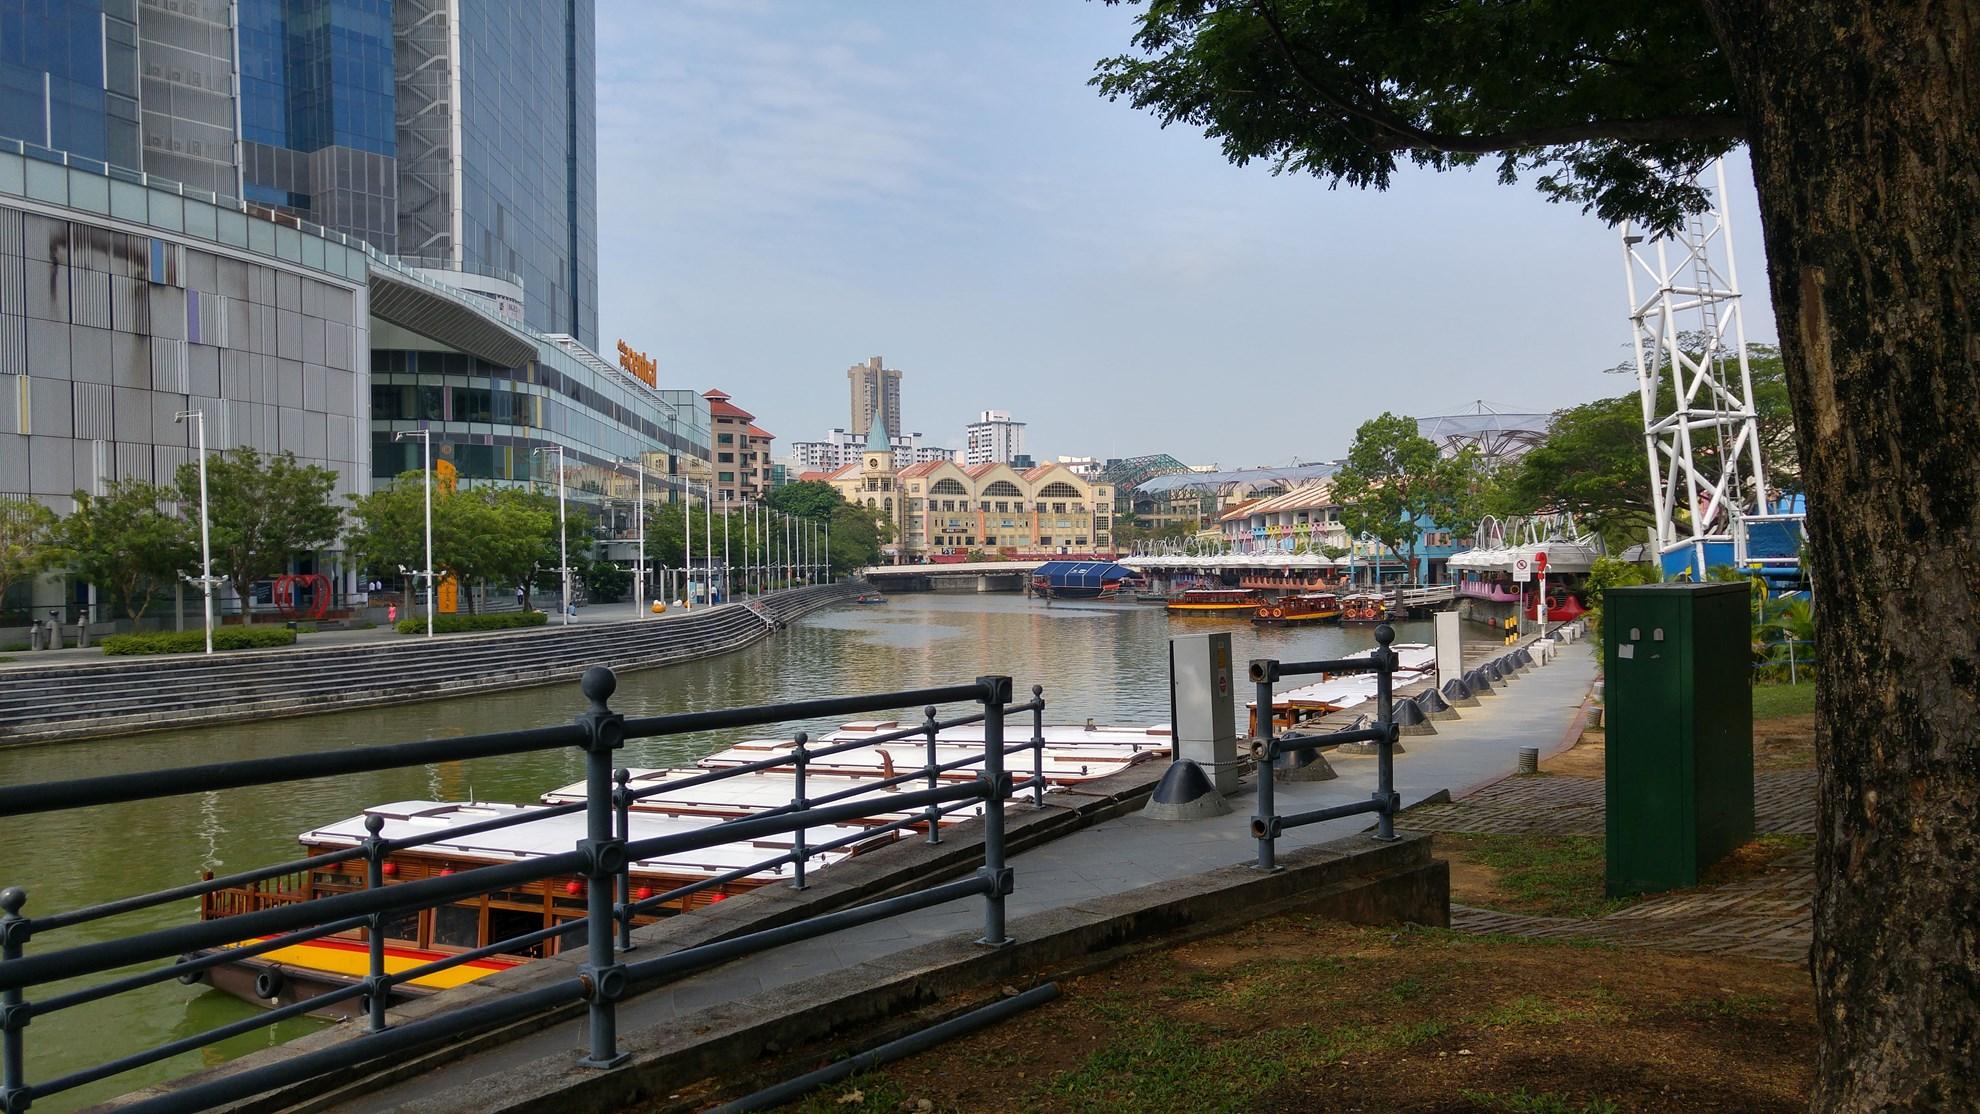 Tour tham quan Singapore bằng xe đạp